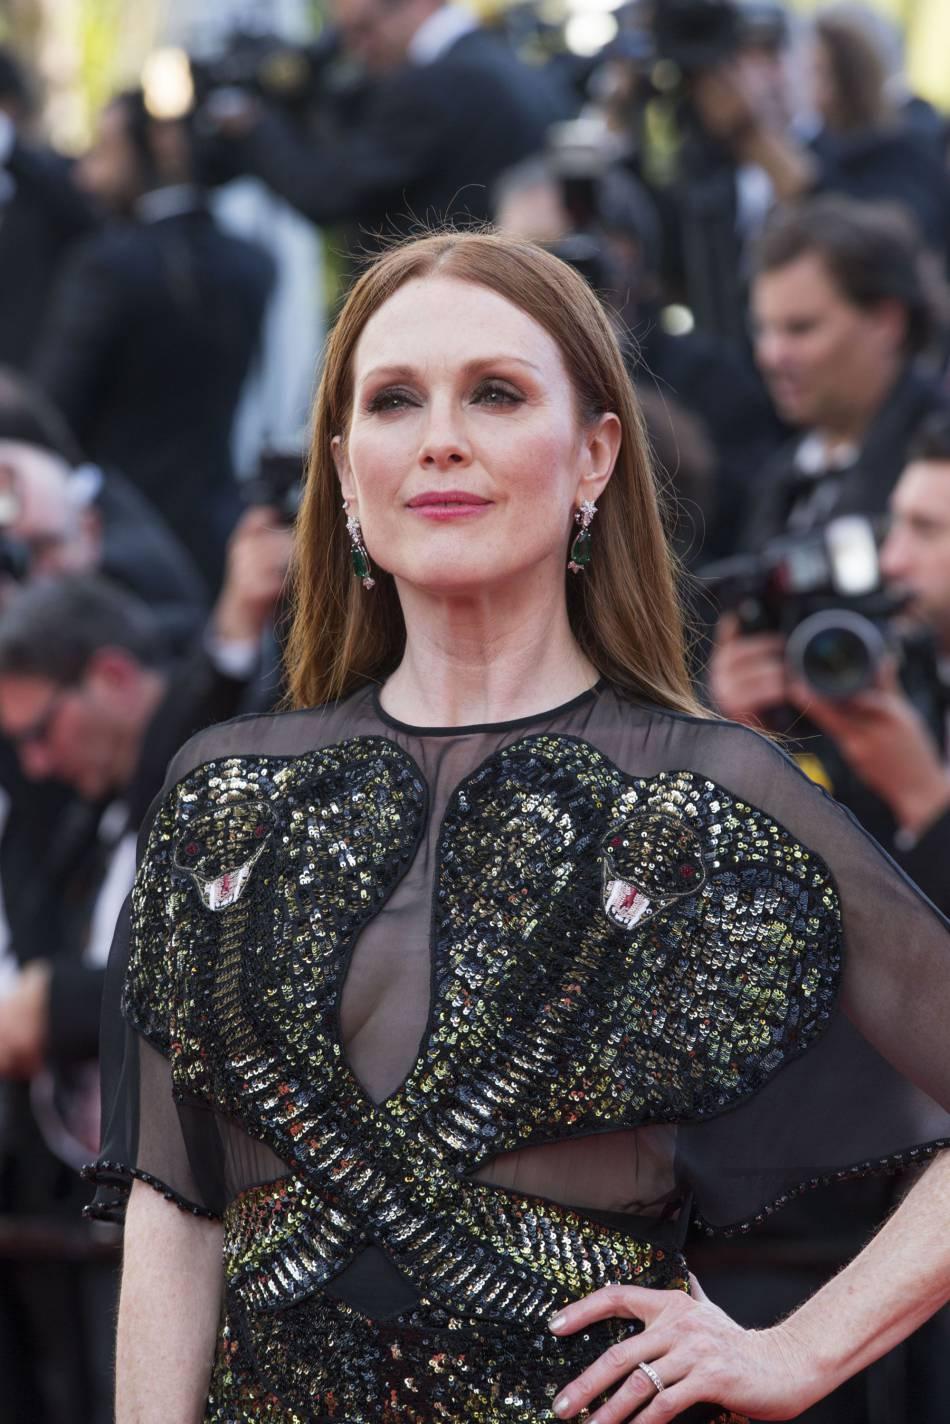 Julianne Moore, une quinqua magnétique sur le red carpet du Palais des Festivals lors de ce 69e Festival de Cannes.